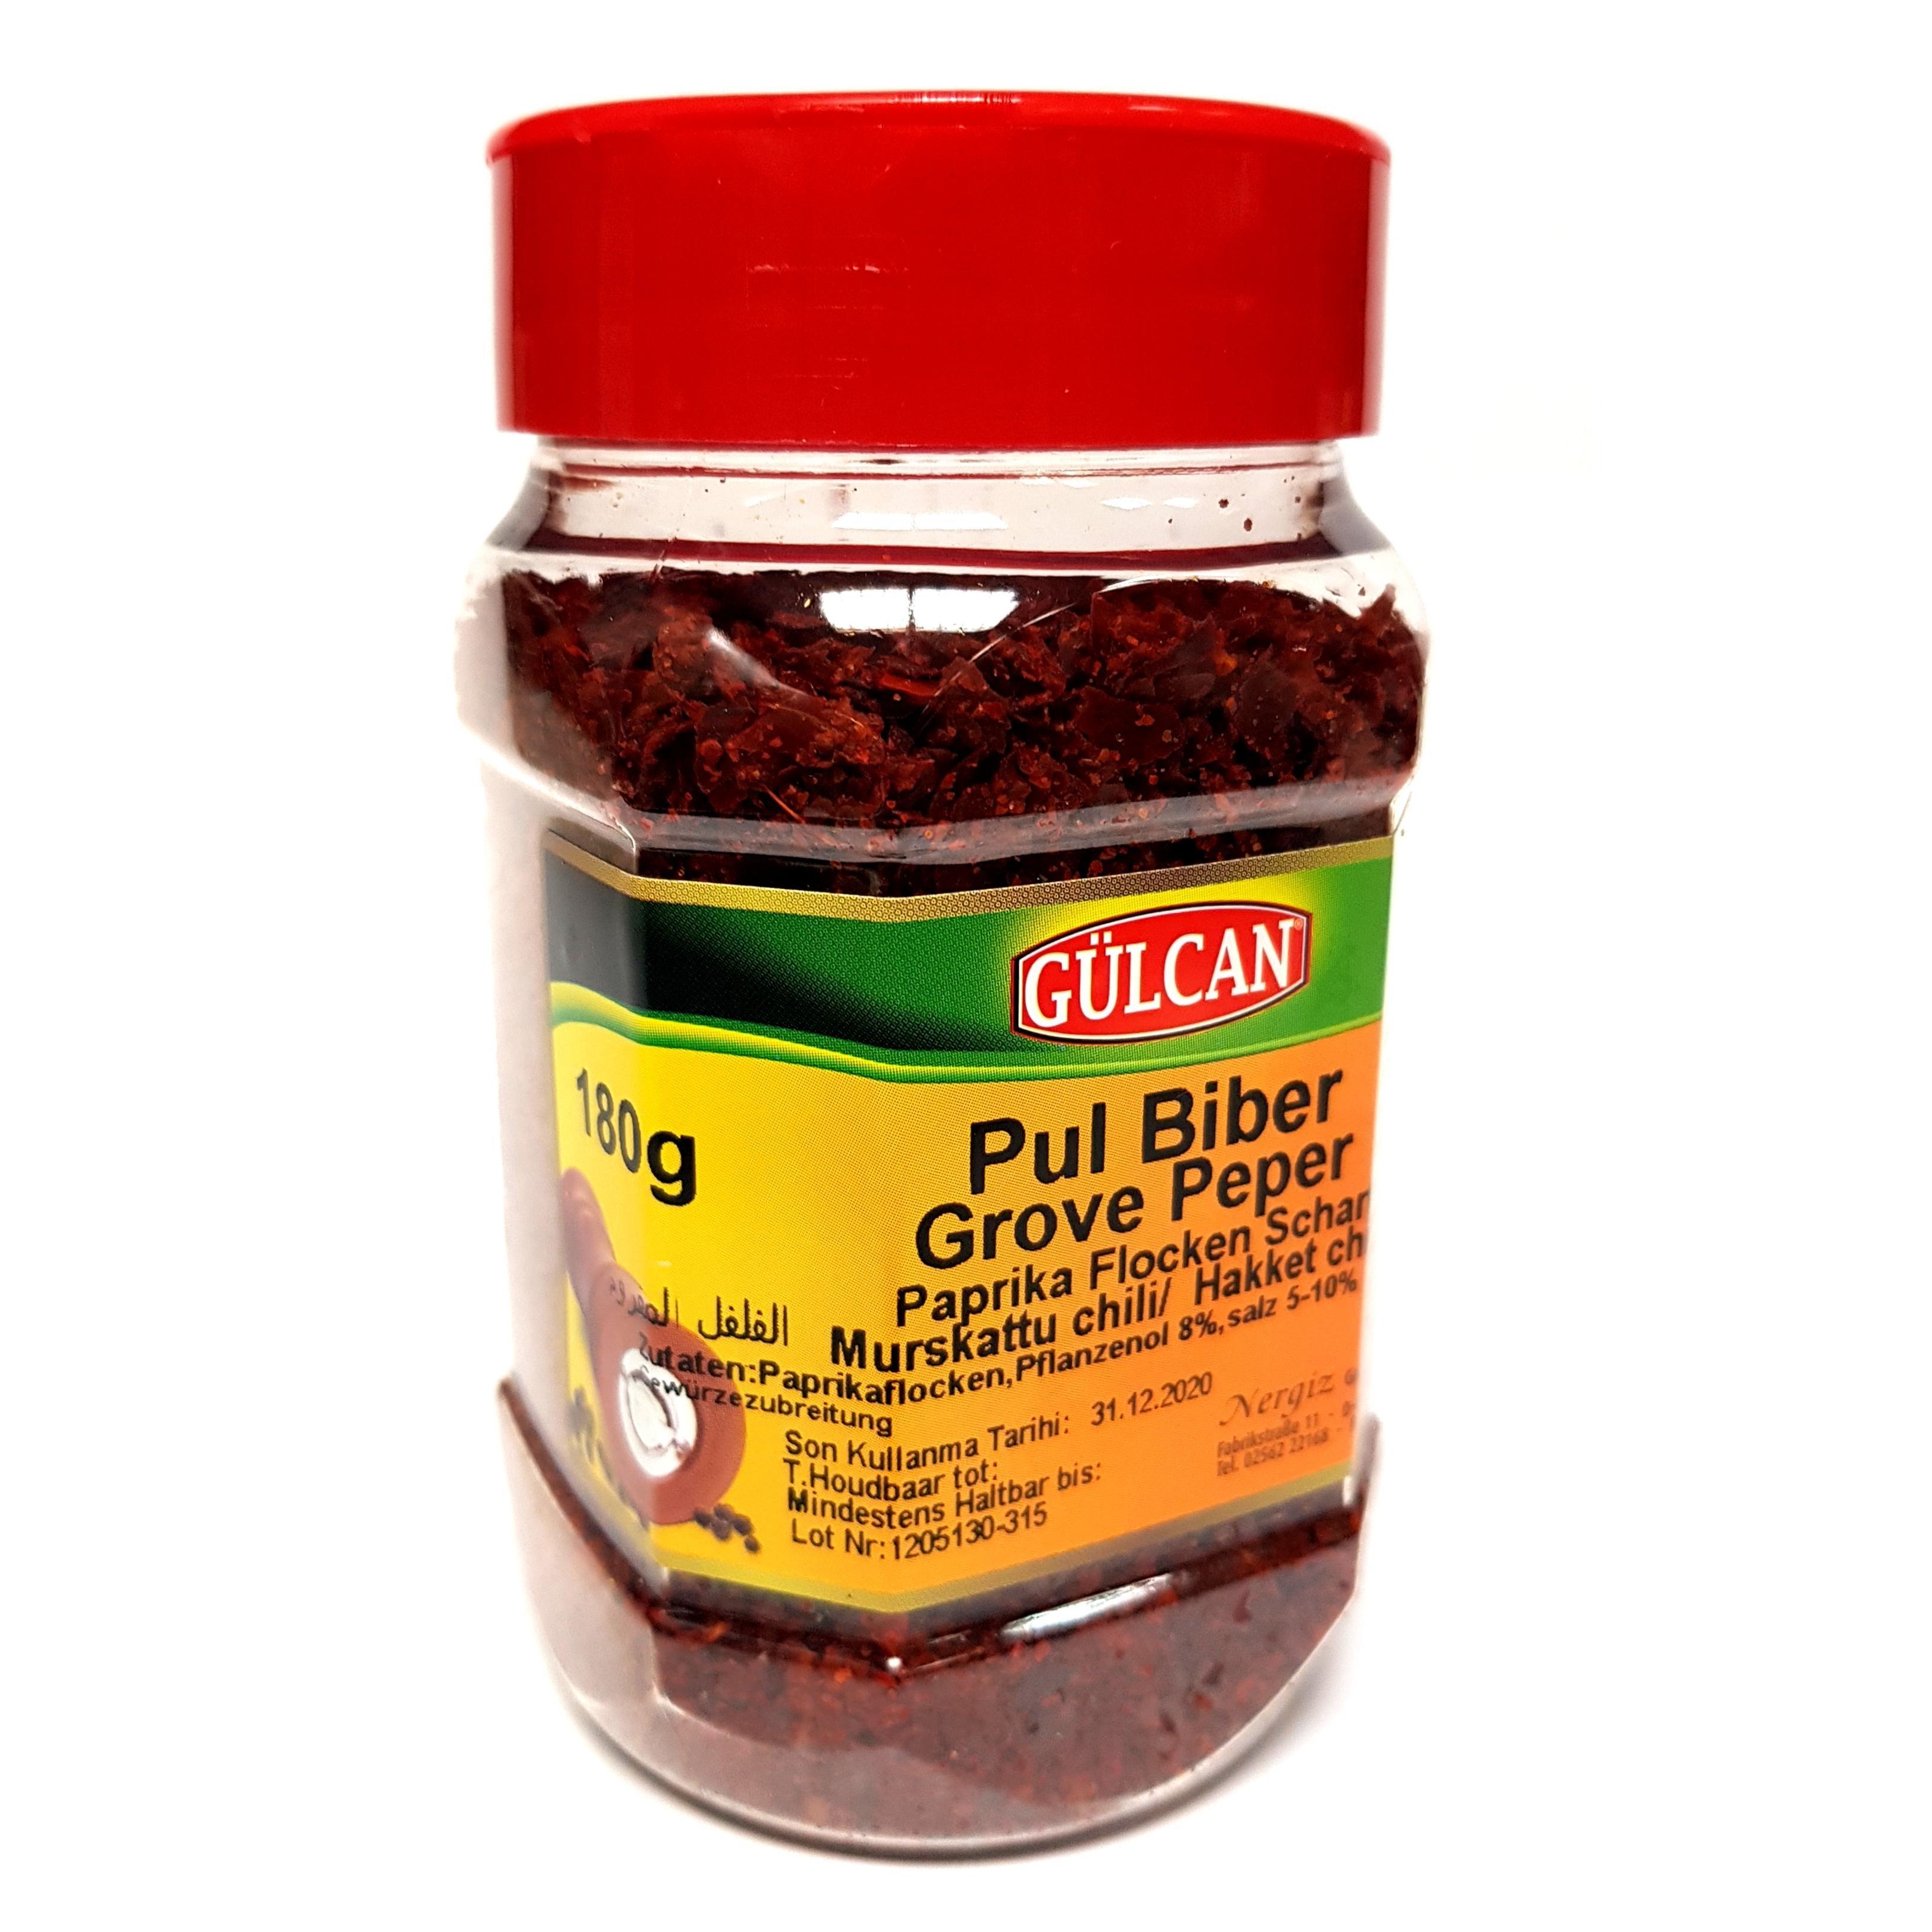 Gülcan Chili-Paprikaflocken Gewürzzubereitung 180g